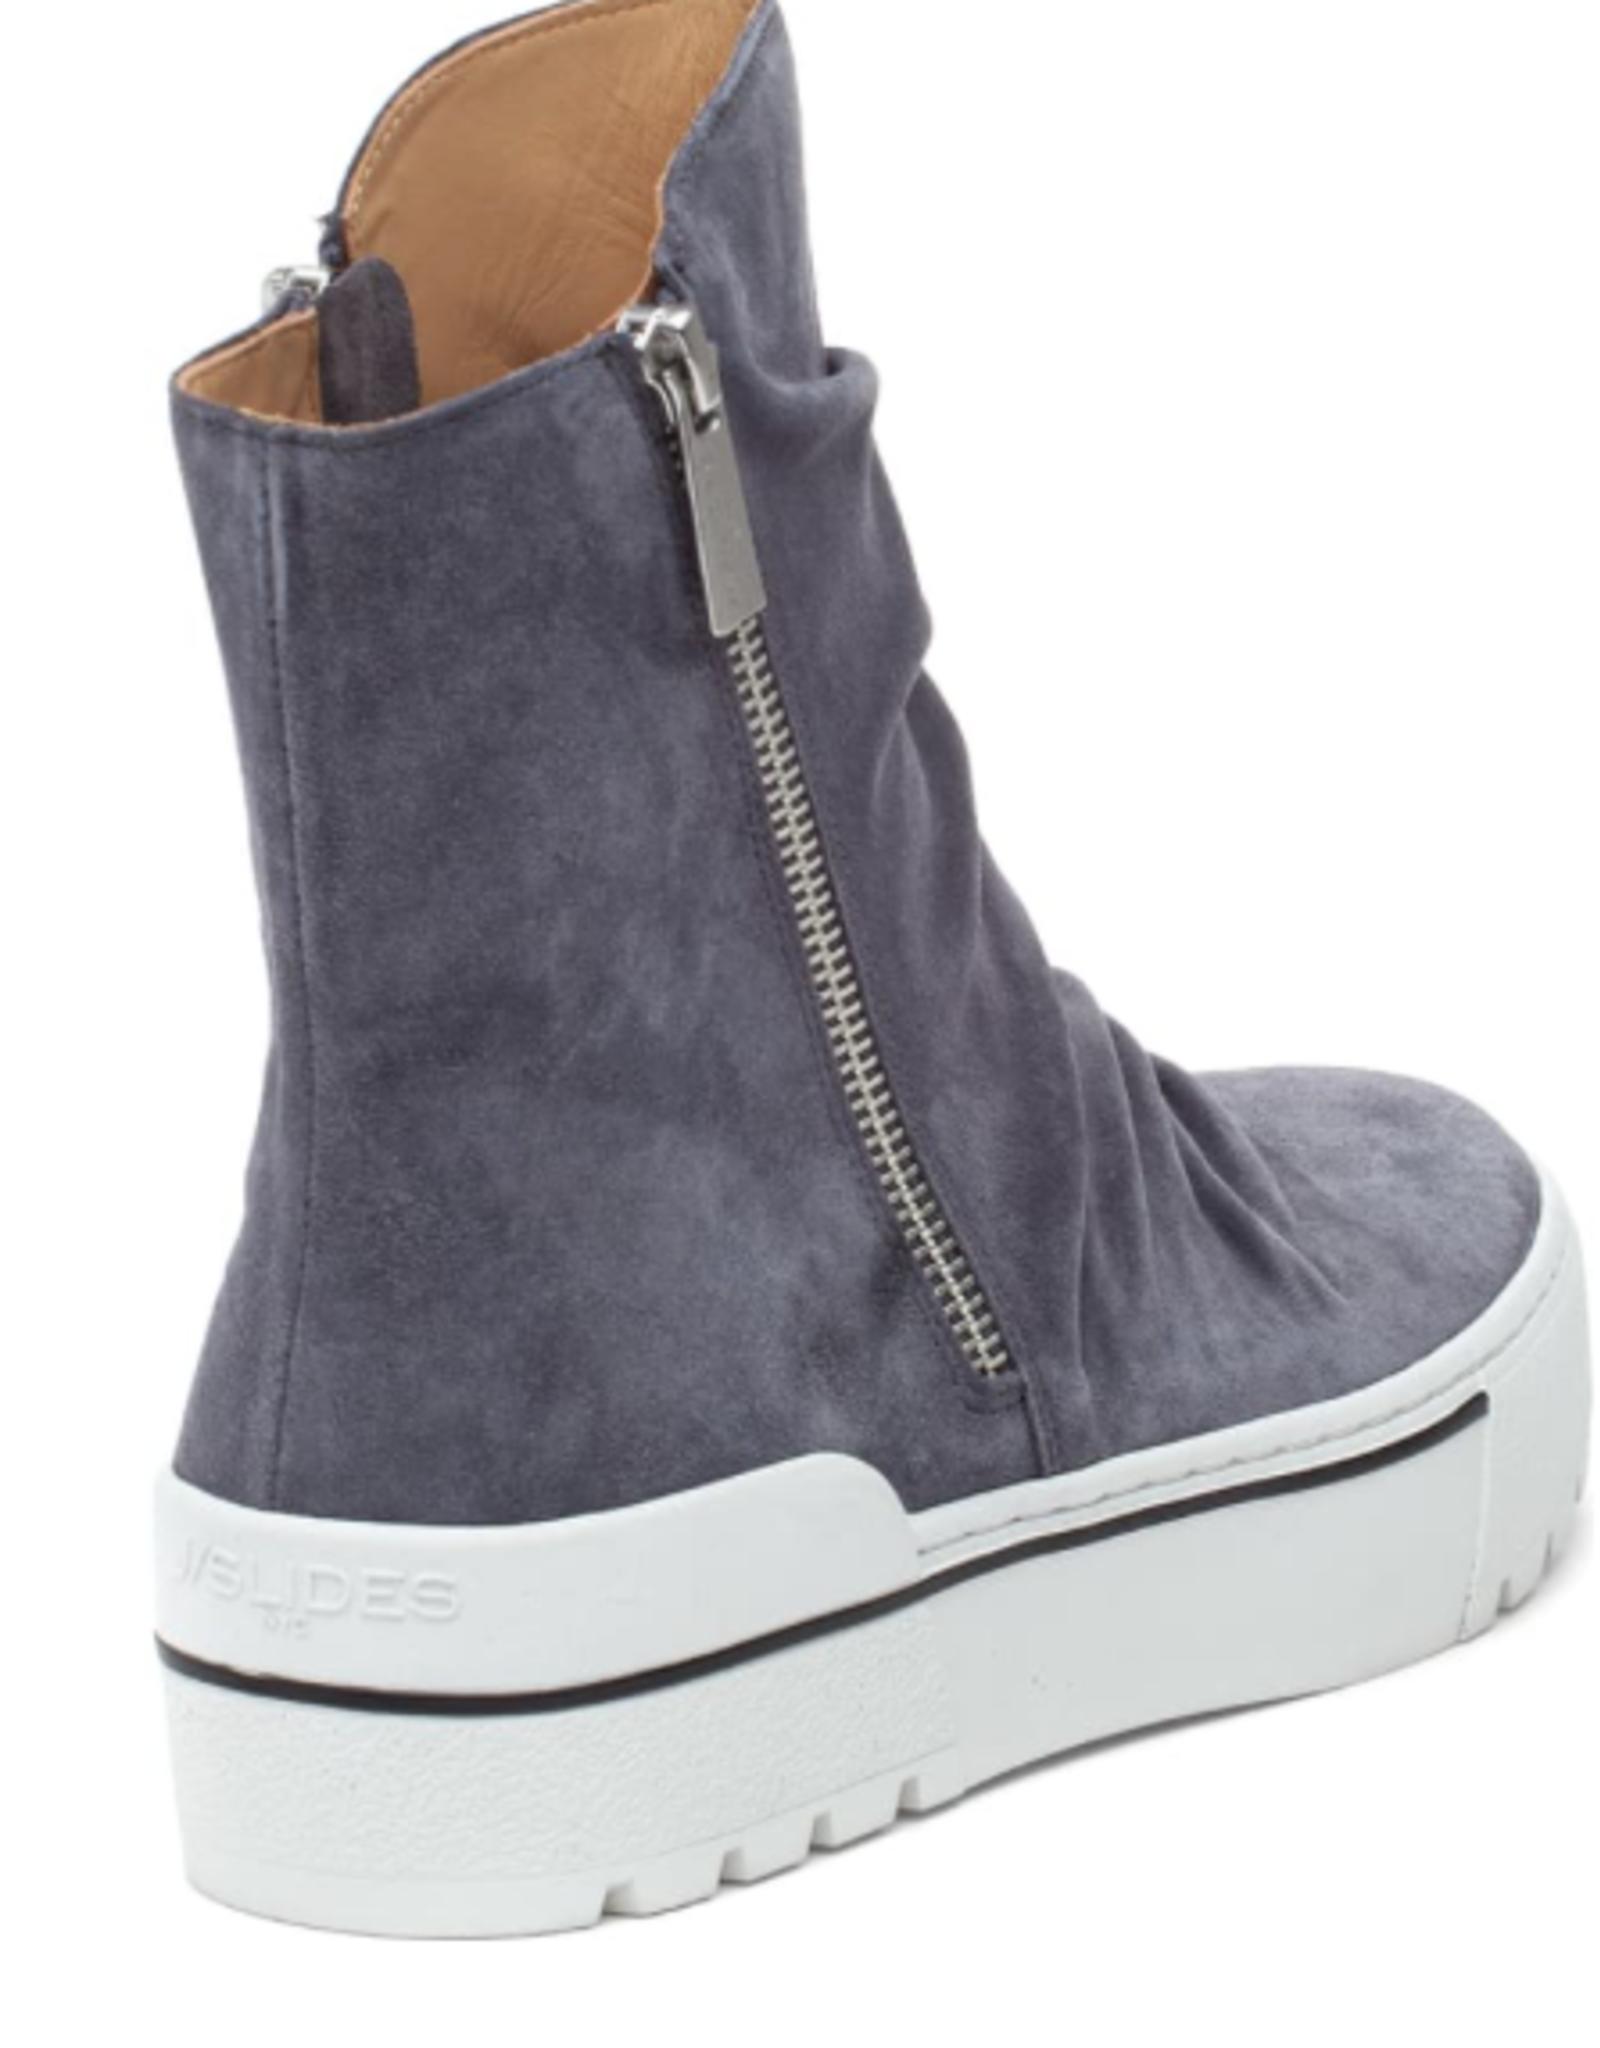 J/Slides J/Slides Nila Suede Boot